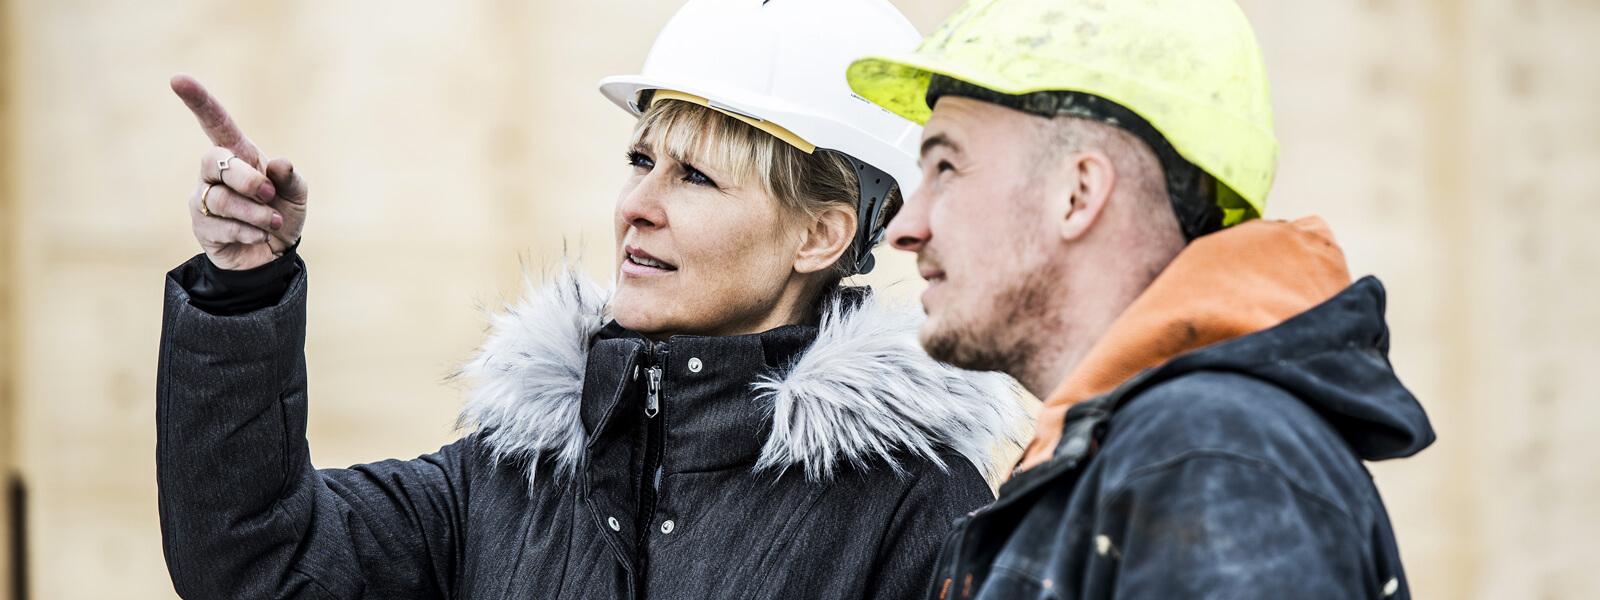 Ethvert byggeri har brug for et solidt fundament. Hos Jönsson består fundamentet af to ting: høj faglighed og ægte dialog. Altid.